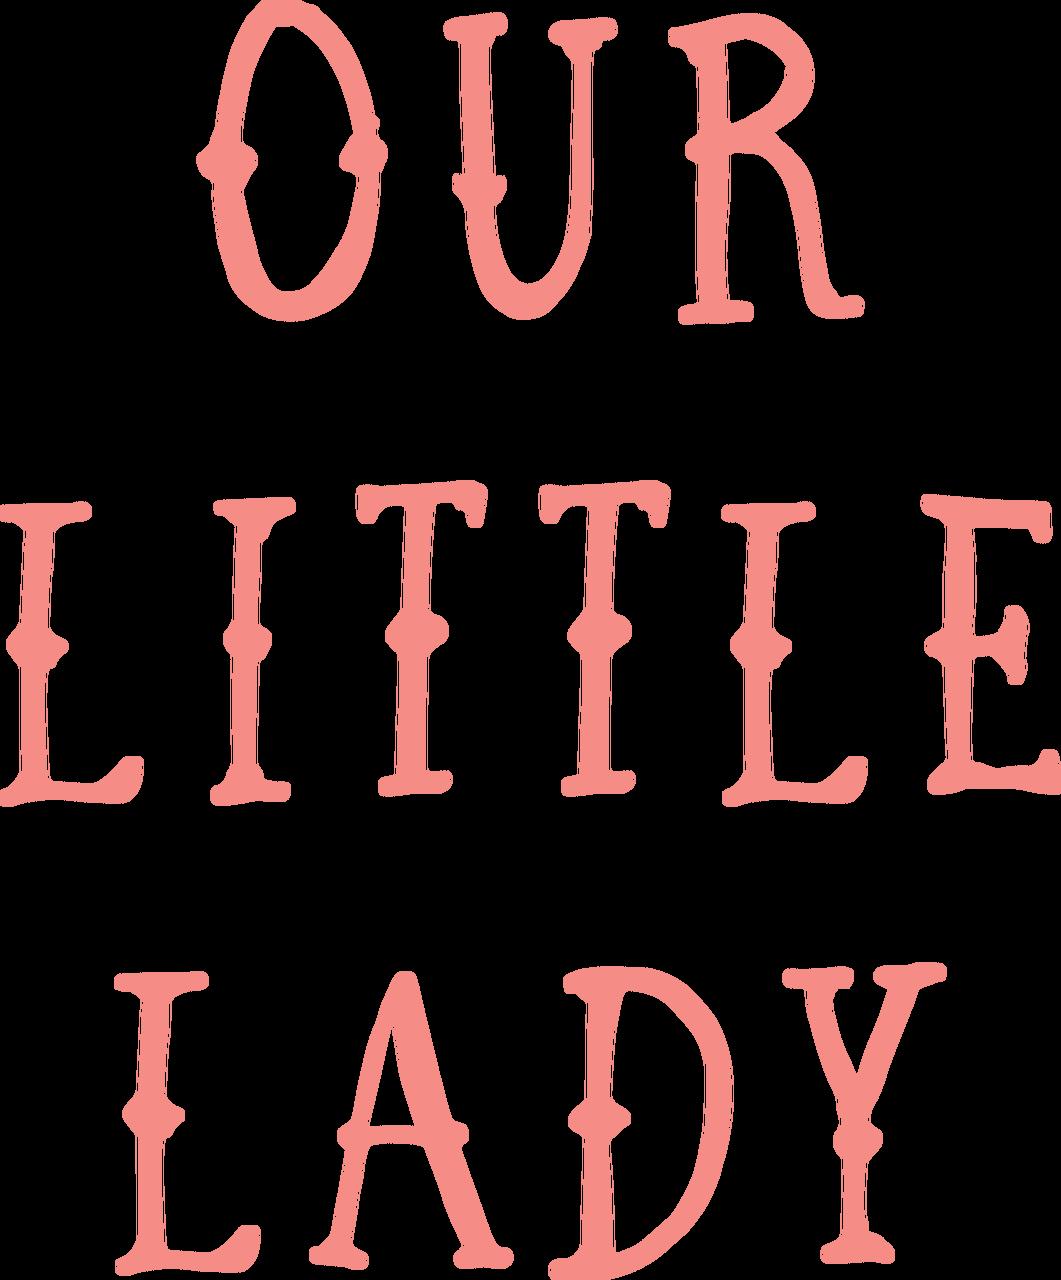 Our Little Lady SVG Cut File